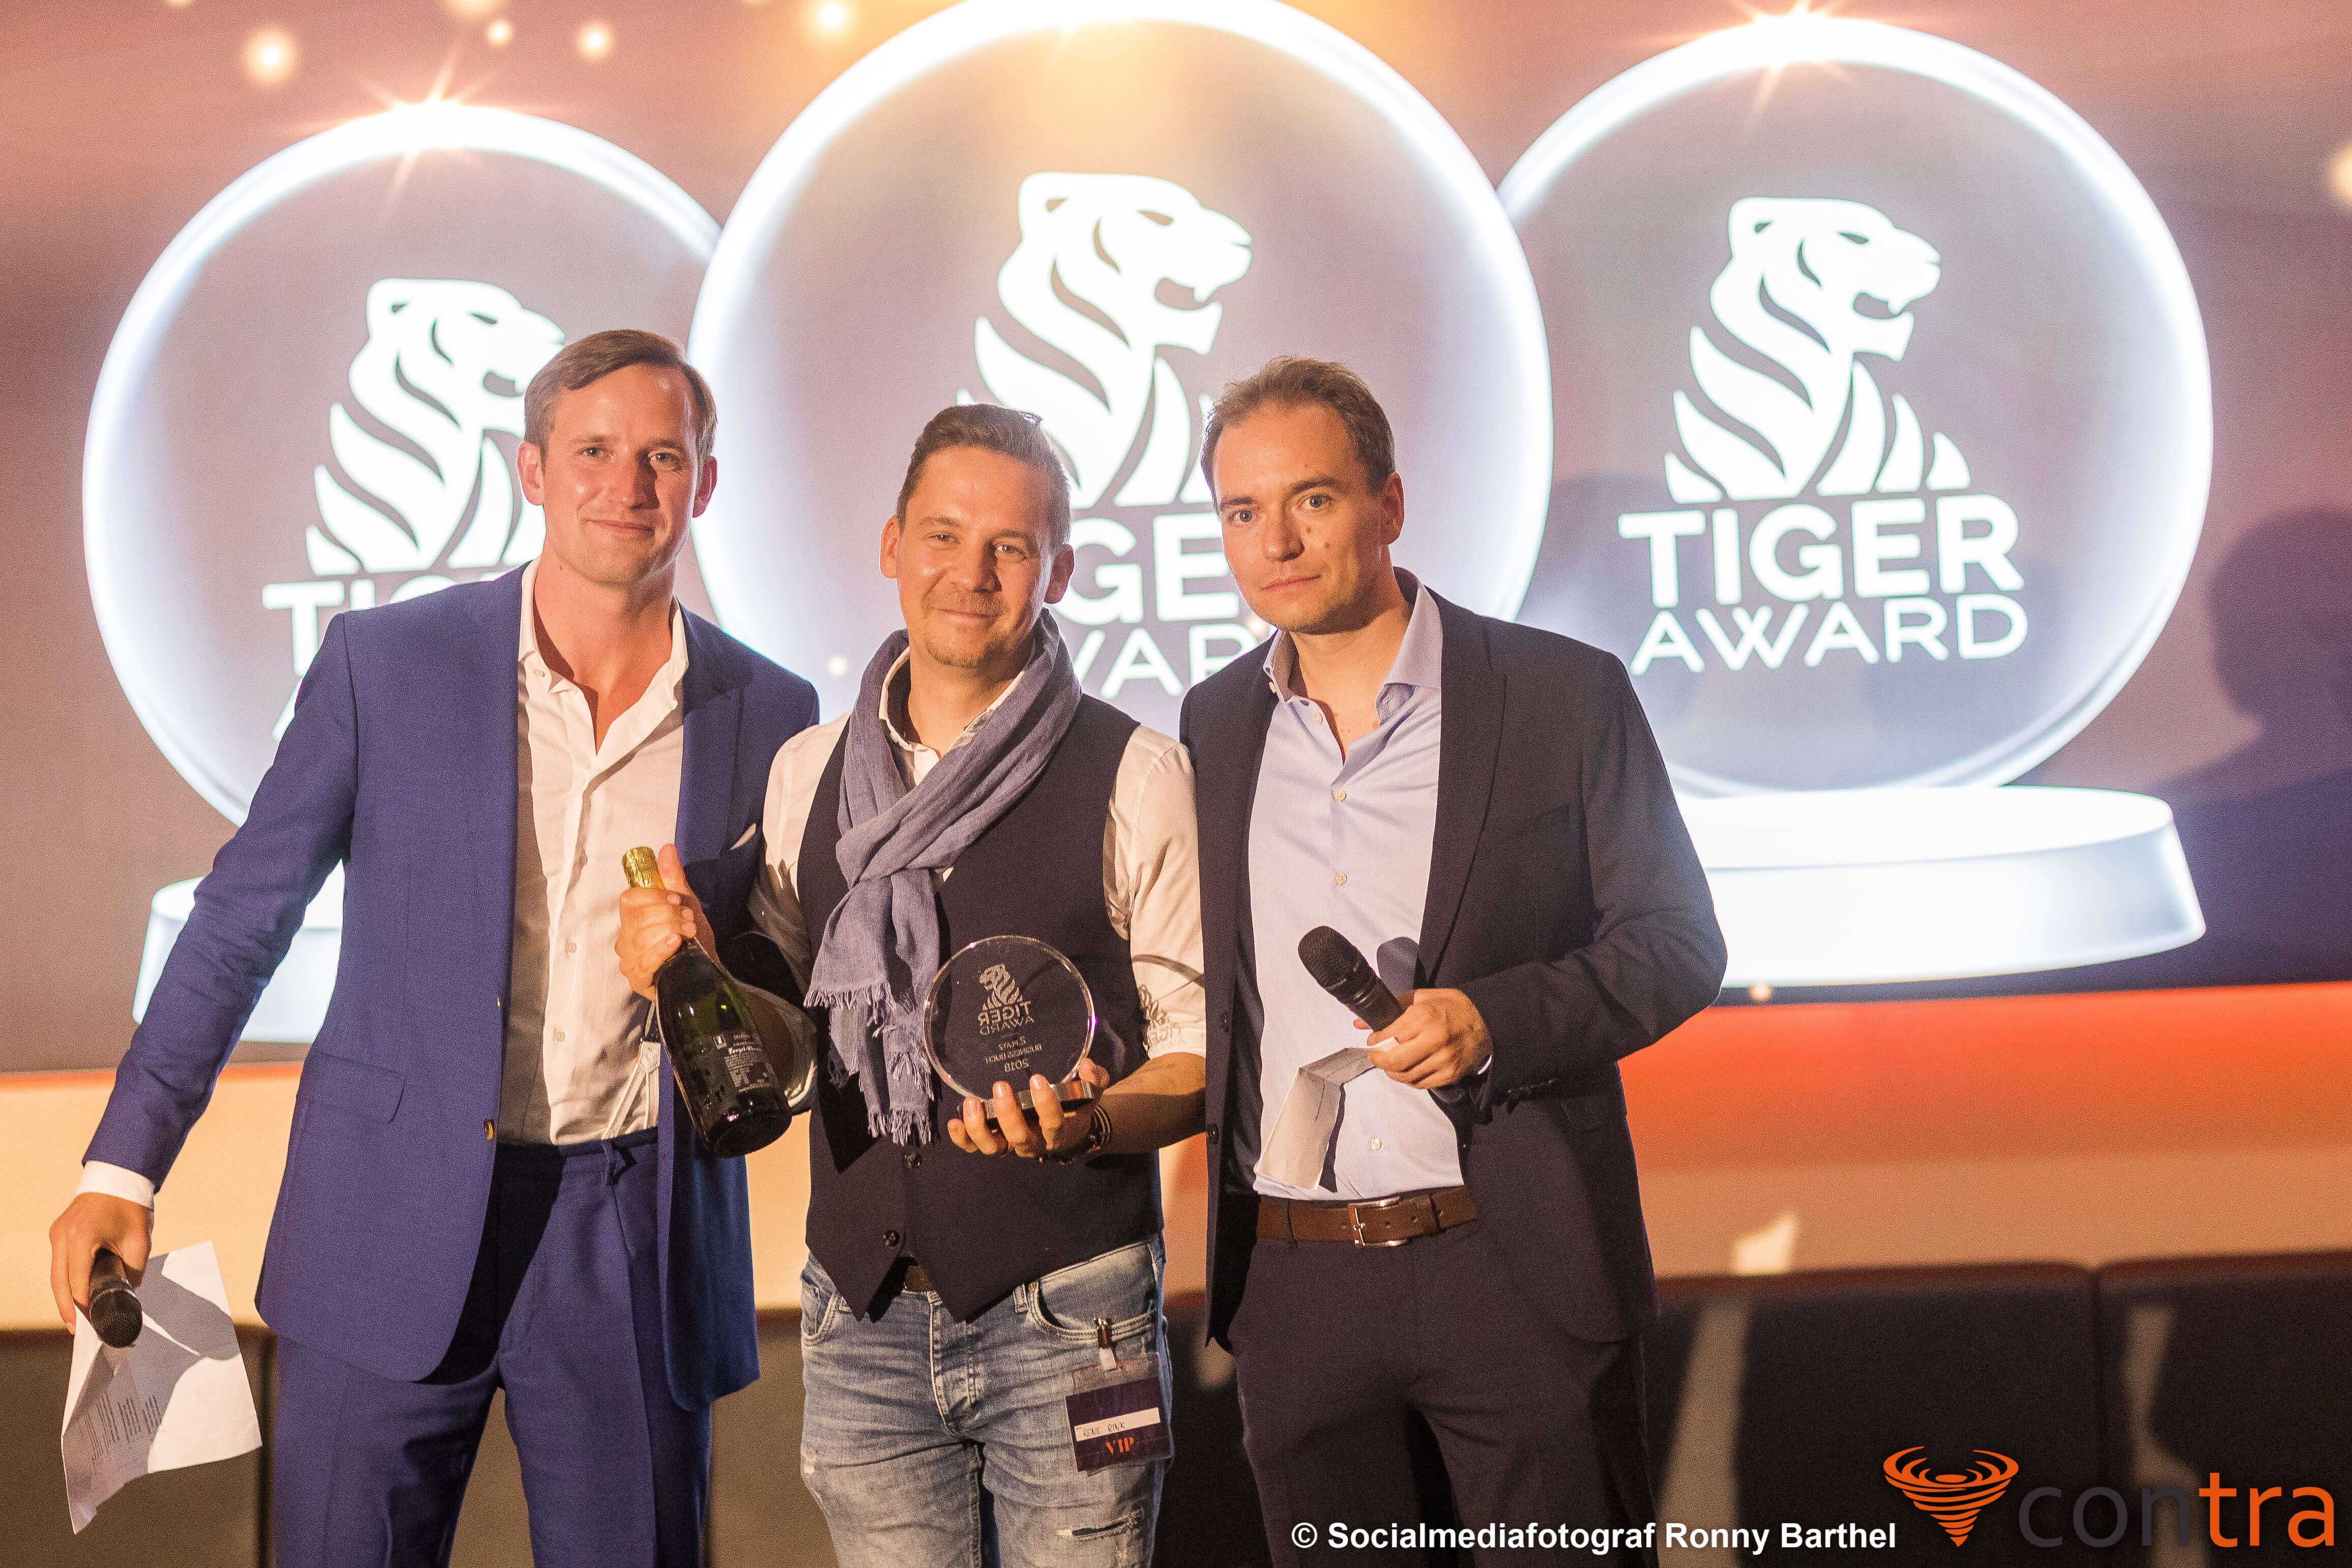 Tiger Award Contra